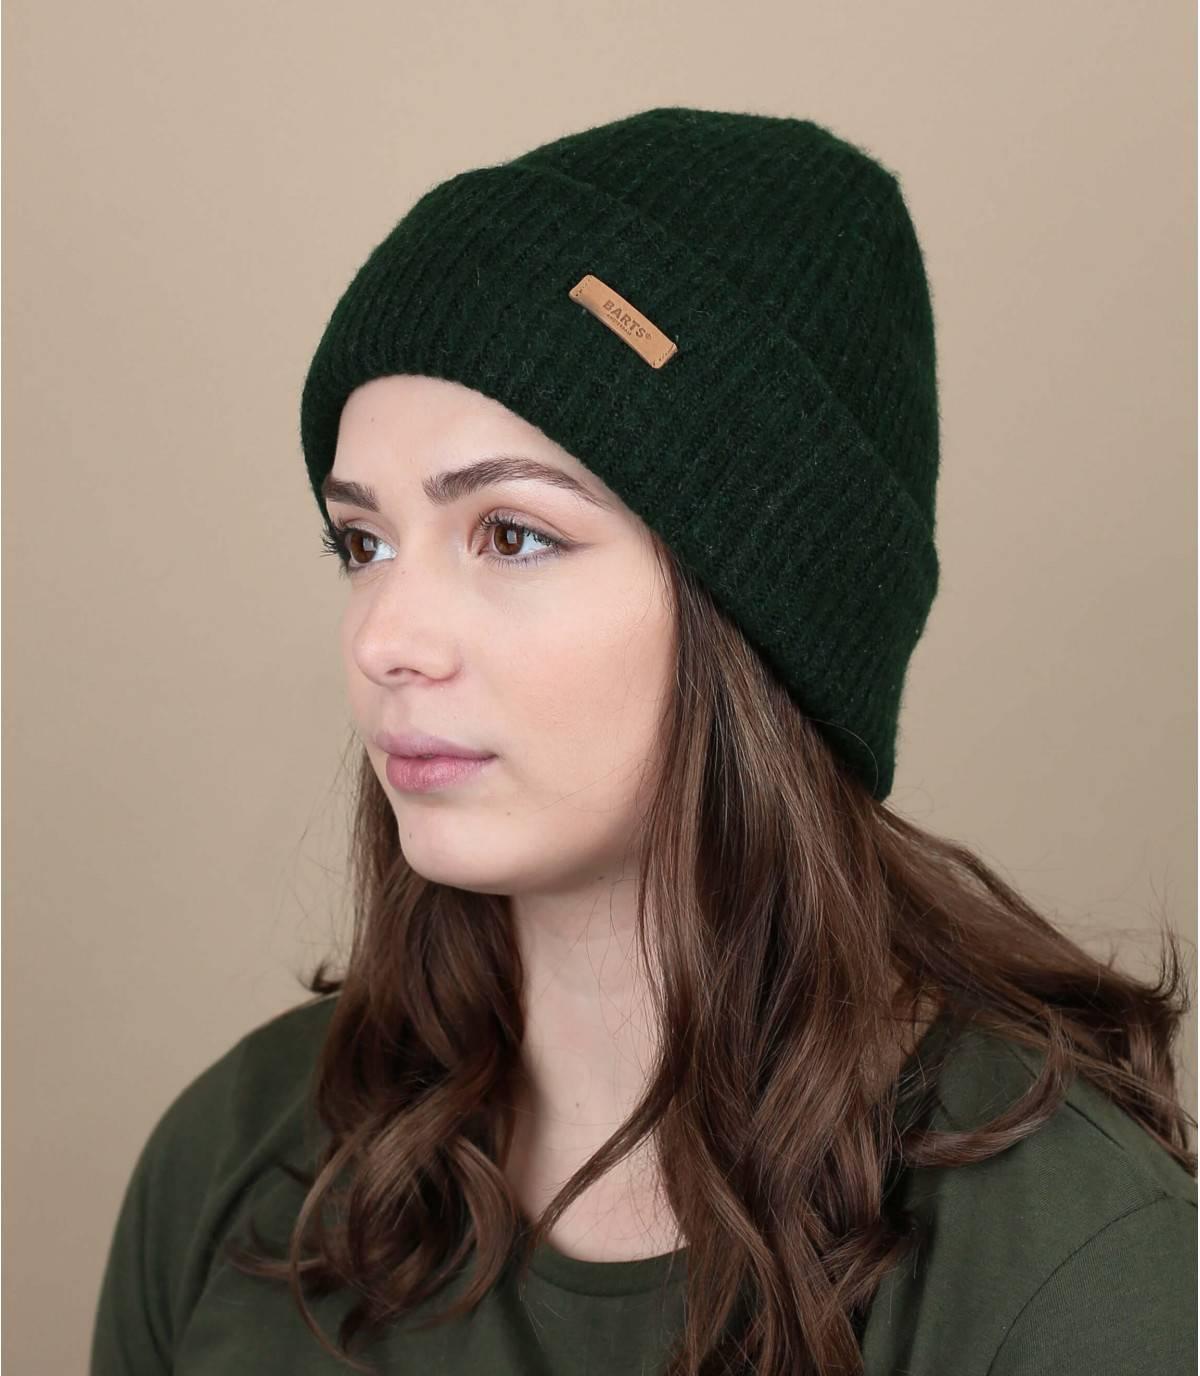 Gorra de solapa verde